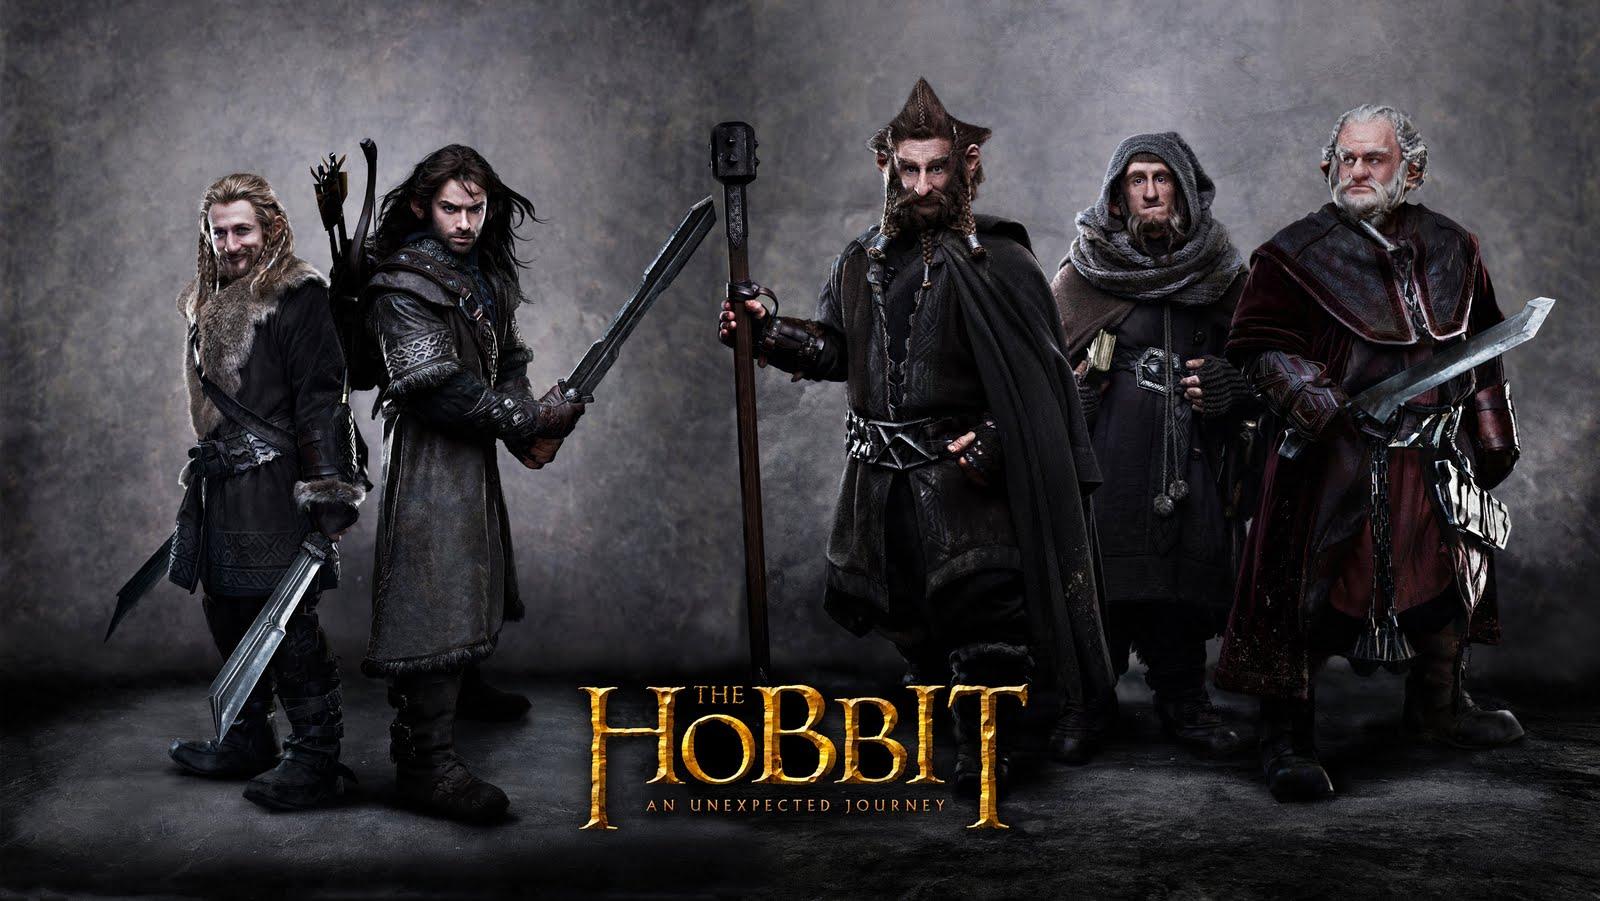 http://3.bp.blogspot.com/-FCmHpHhSJx8/TjrrwbGDRrI/AAAAAAAAAuI/cXpBAJtGB50/s1600/The-Hobbit-An-Unexpected-Journey-Wallpapers-1.jpg